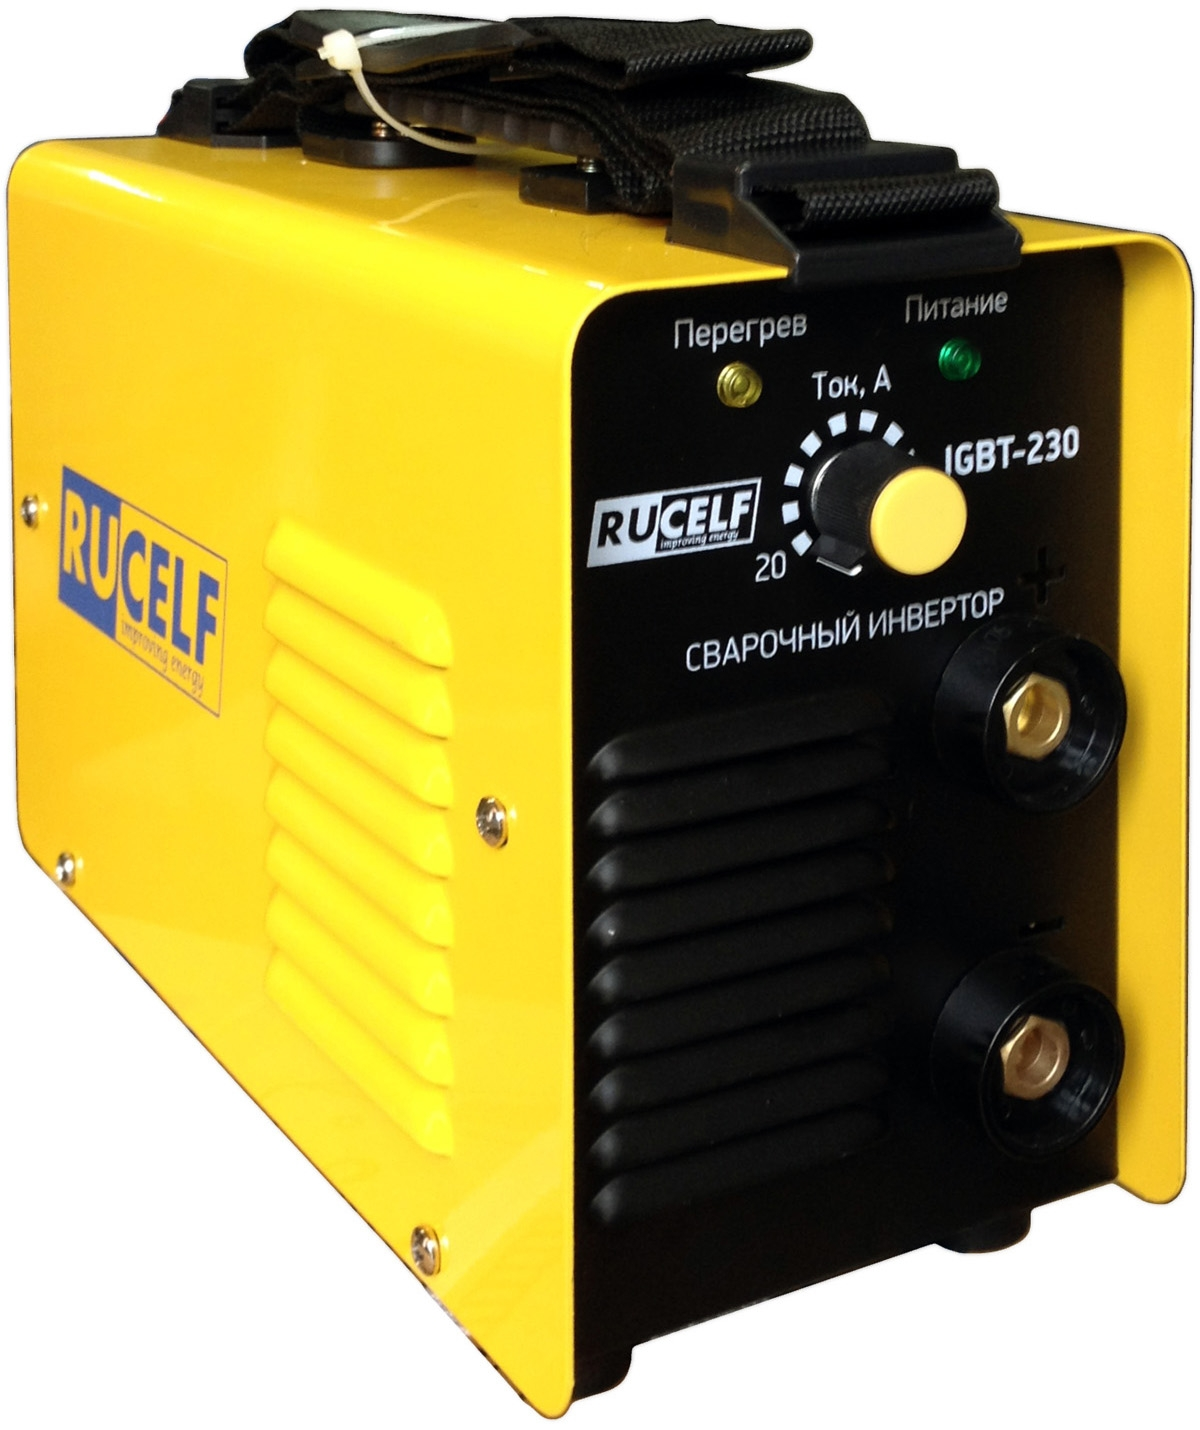 Сварочный инвертор RUCELF IGBT-230  сварочный инвертор rucelf igbt 160 00002052